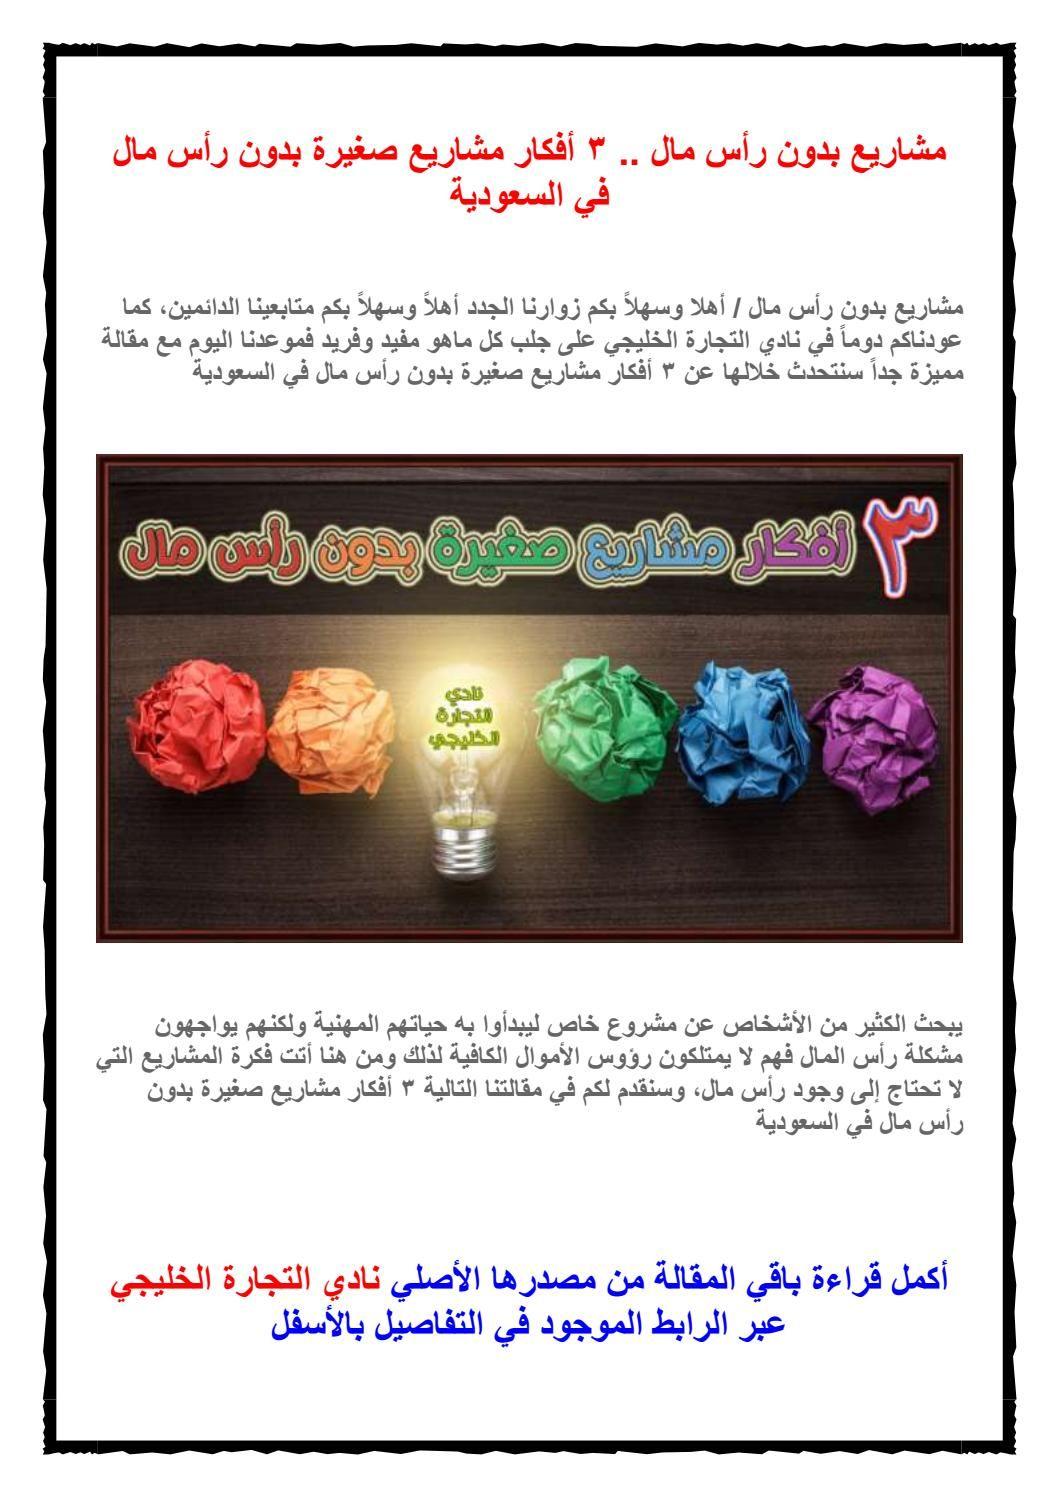 مشاريع بدون رأس مال 3 أفكار مشاريع صغيرة بدون رأس مال في السعودية Microsoft Word Document Projects Learning